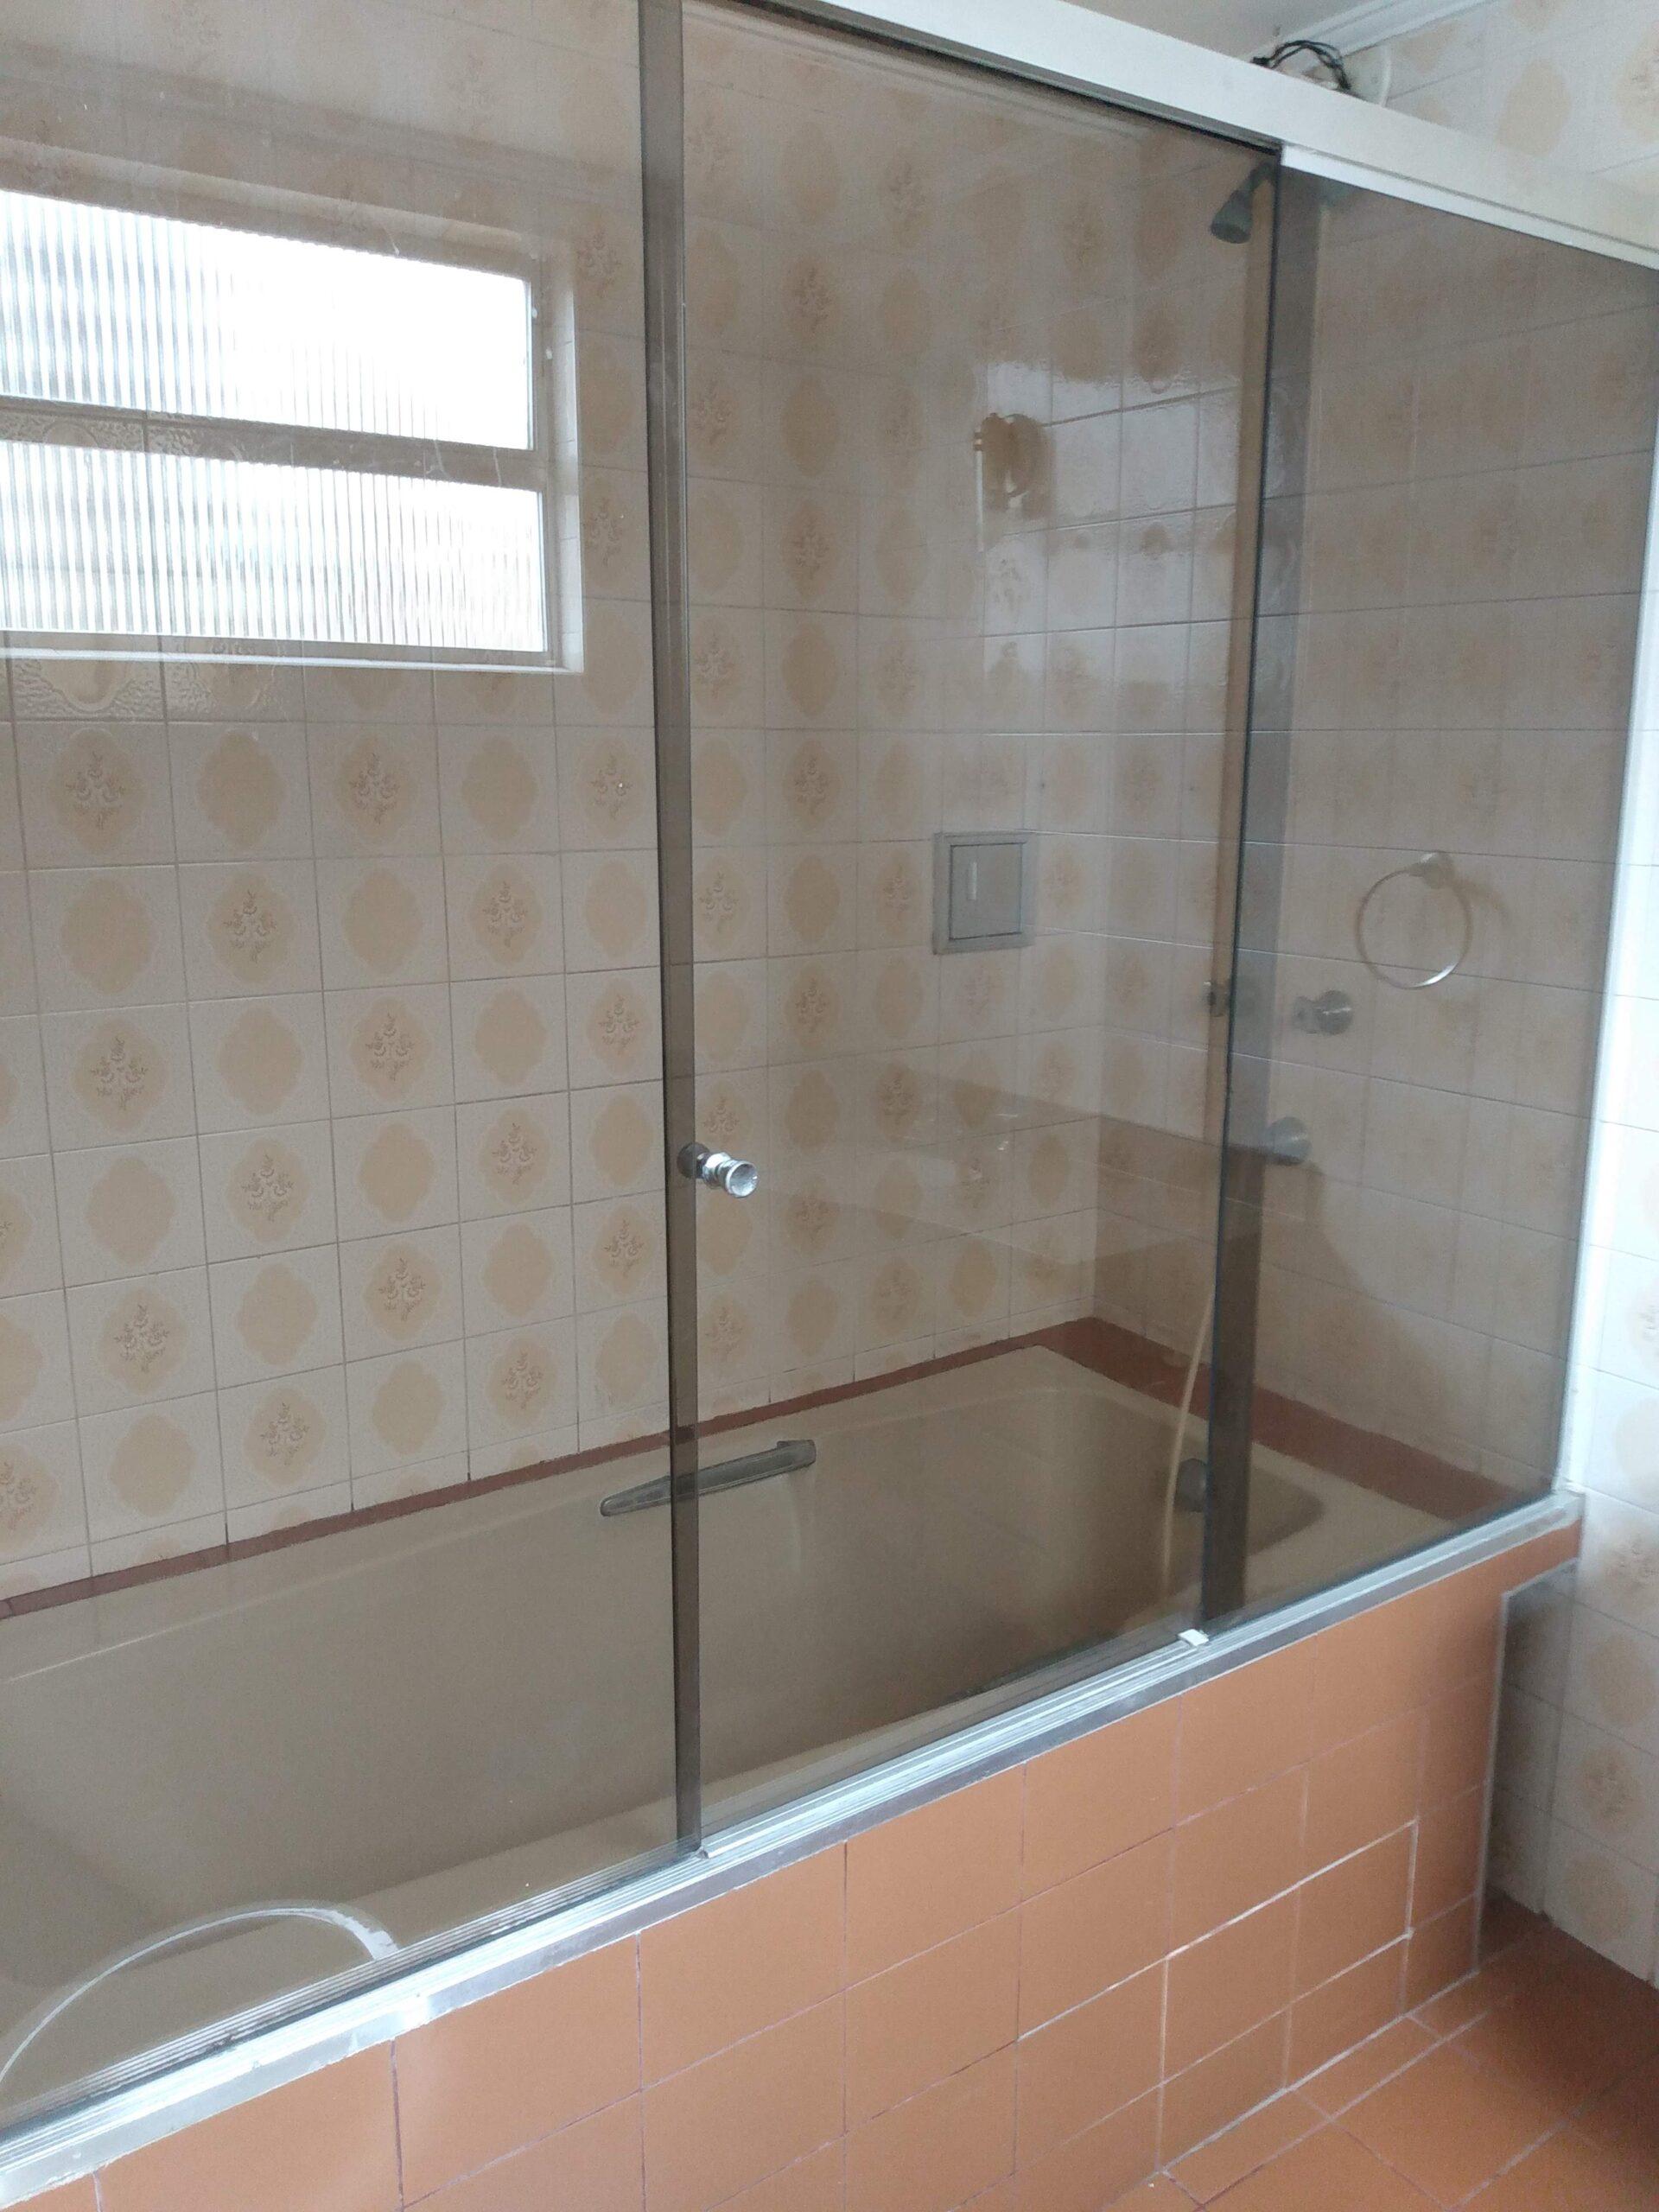 Amplo apartamento no Gonzaga, com ótima vista Livre, 02 dormitórios com armários embutidos, com uma suíte, com dependência completa de empregada. - foto 24